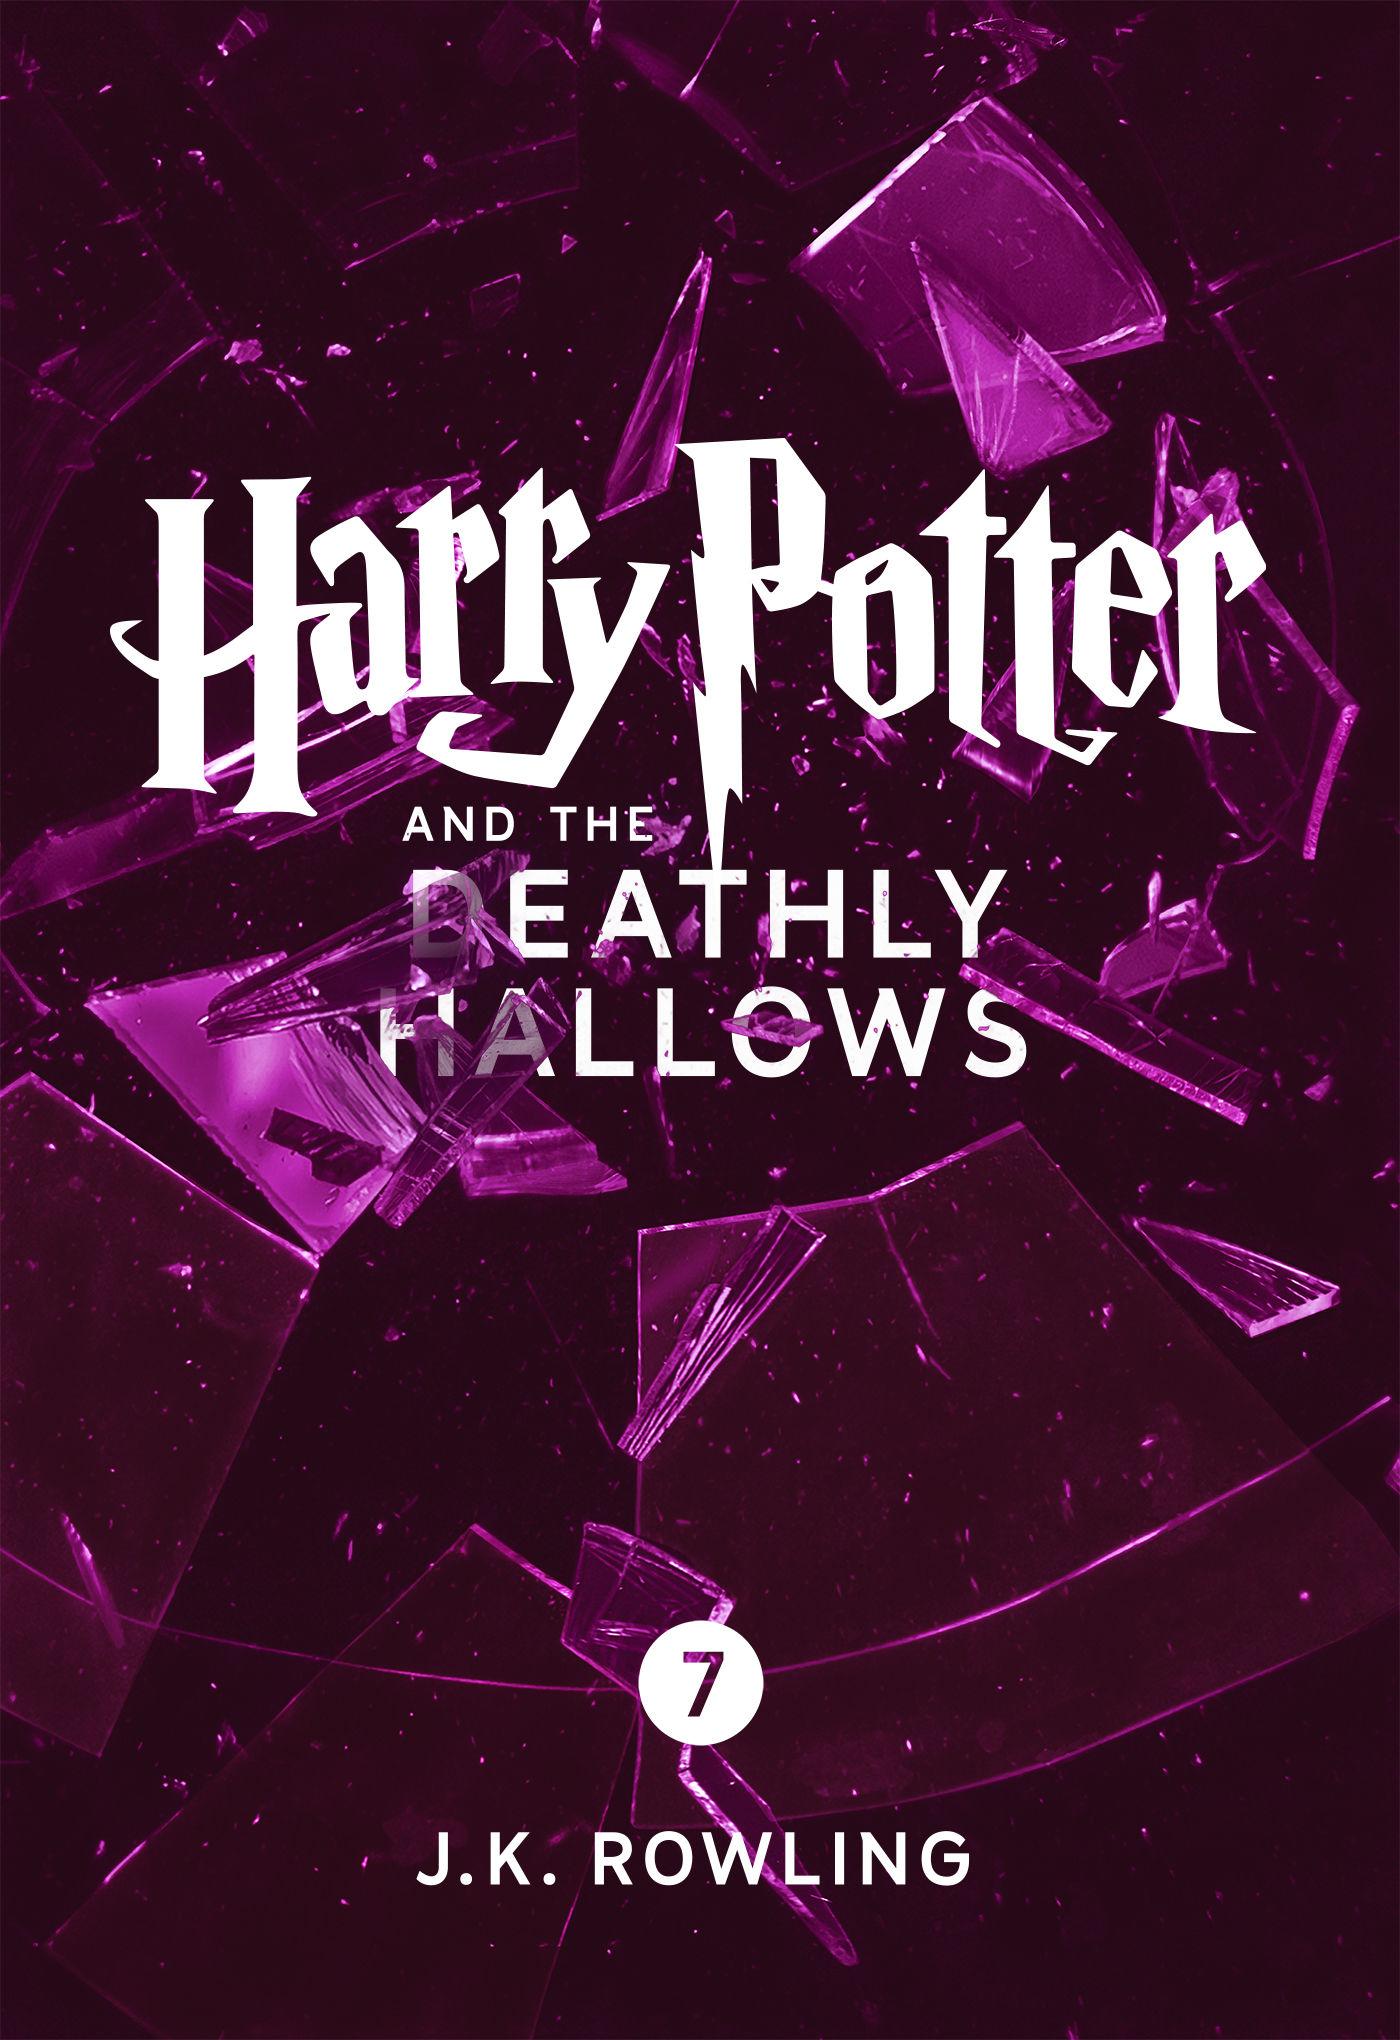 Harry Potter et les Reliques de la Mort : fiche technique